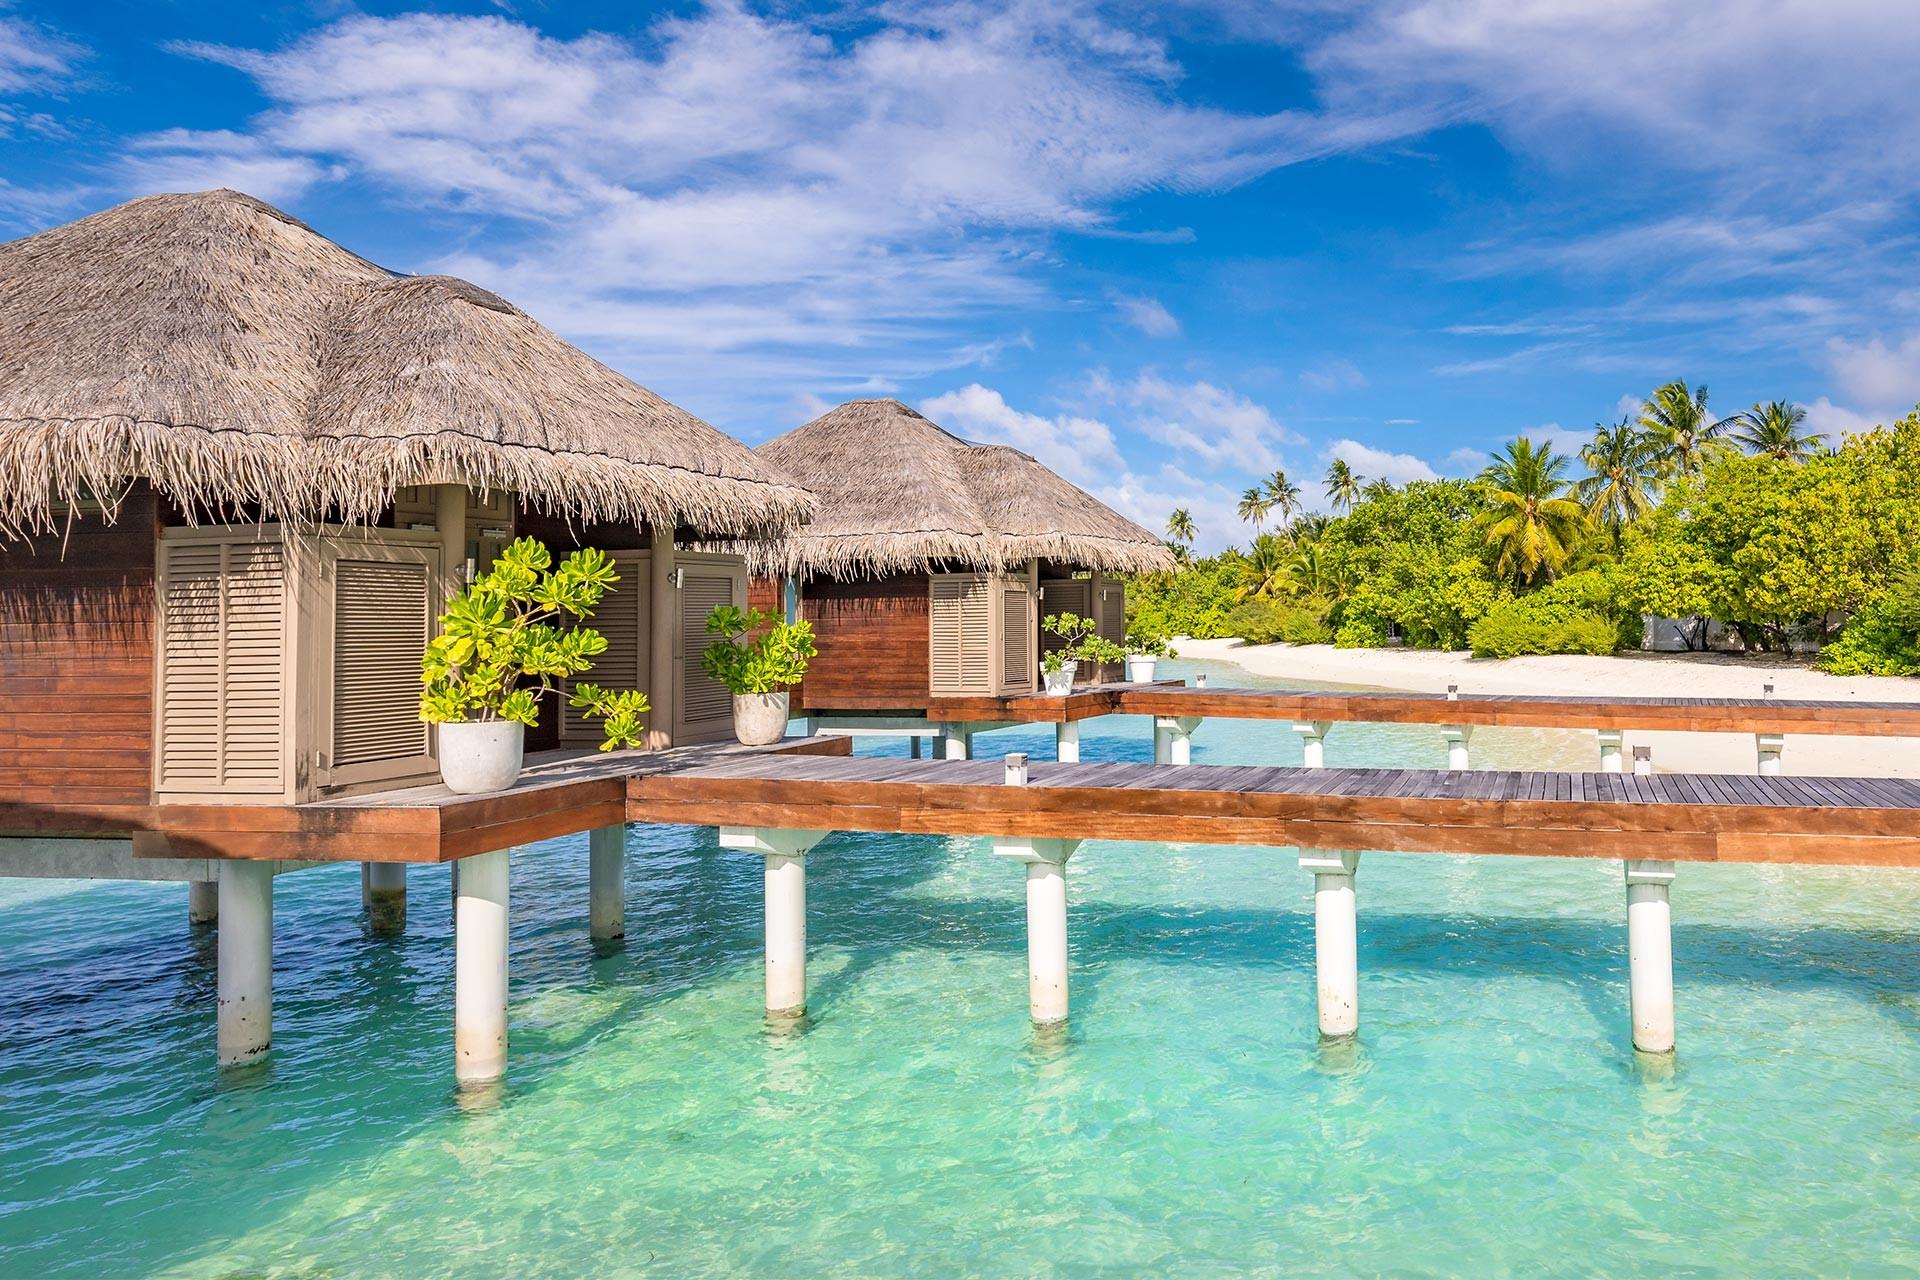 Sejur charter Maldive, 10 zile - 28 noiembrie 2021